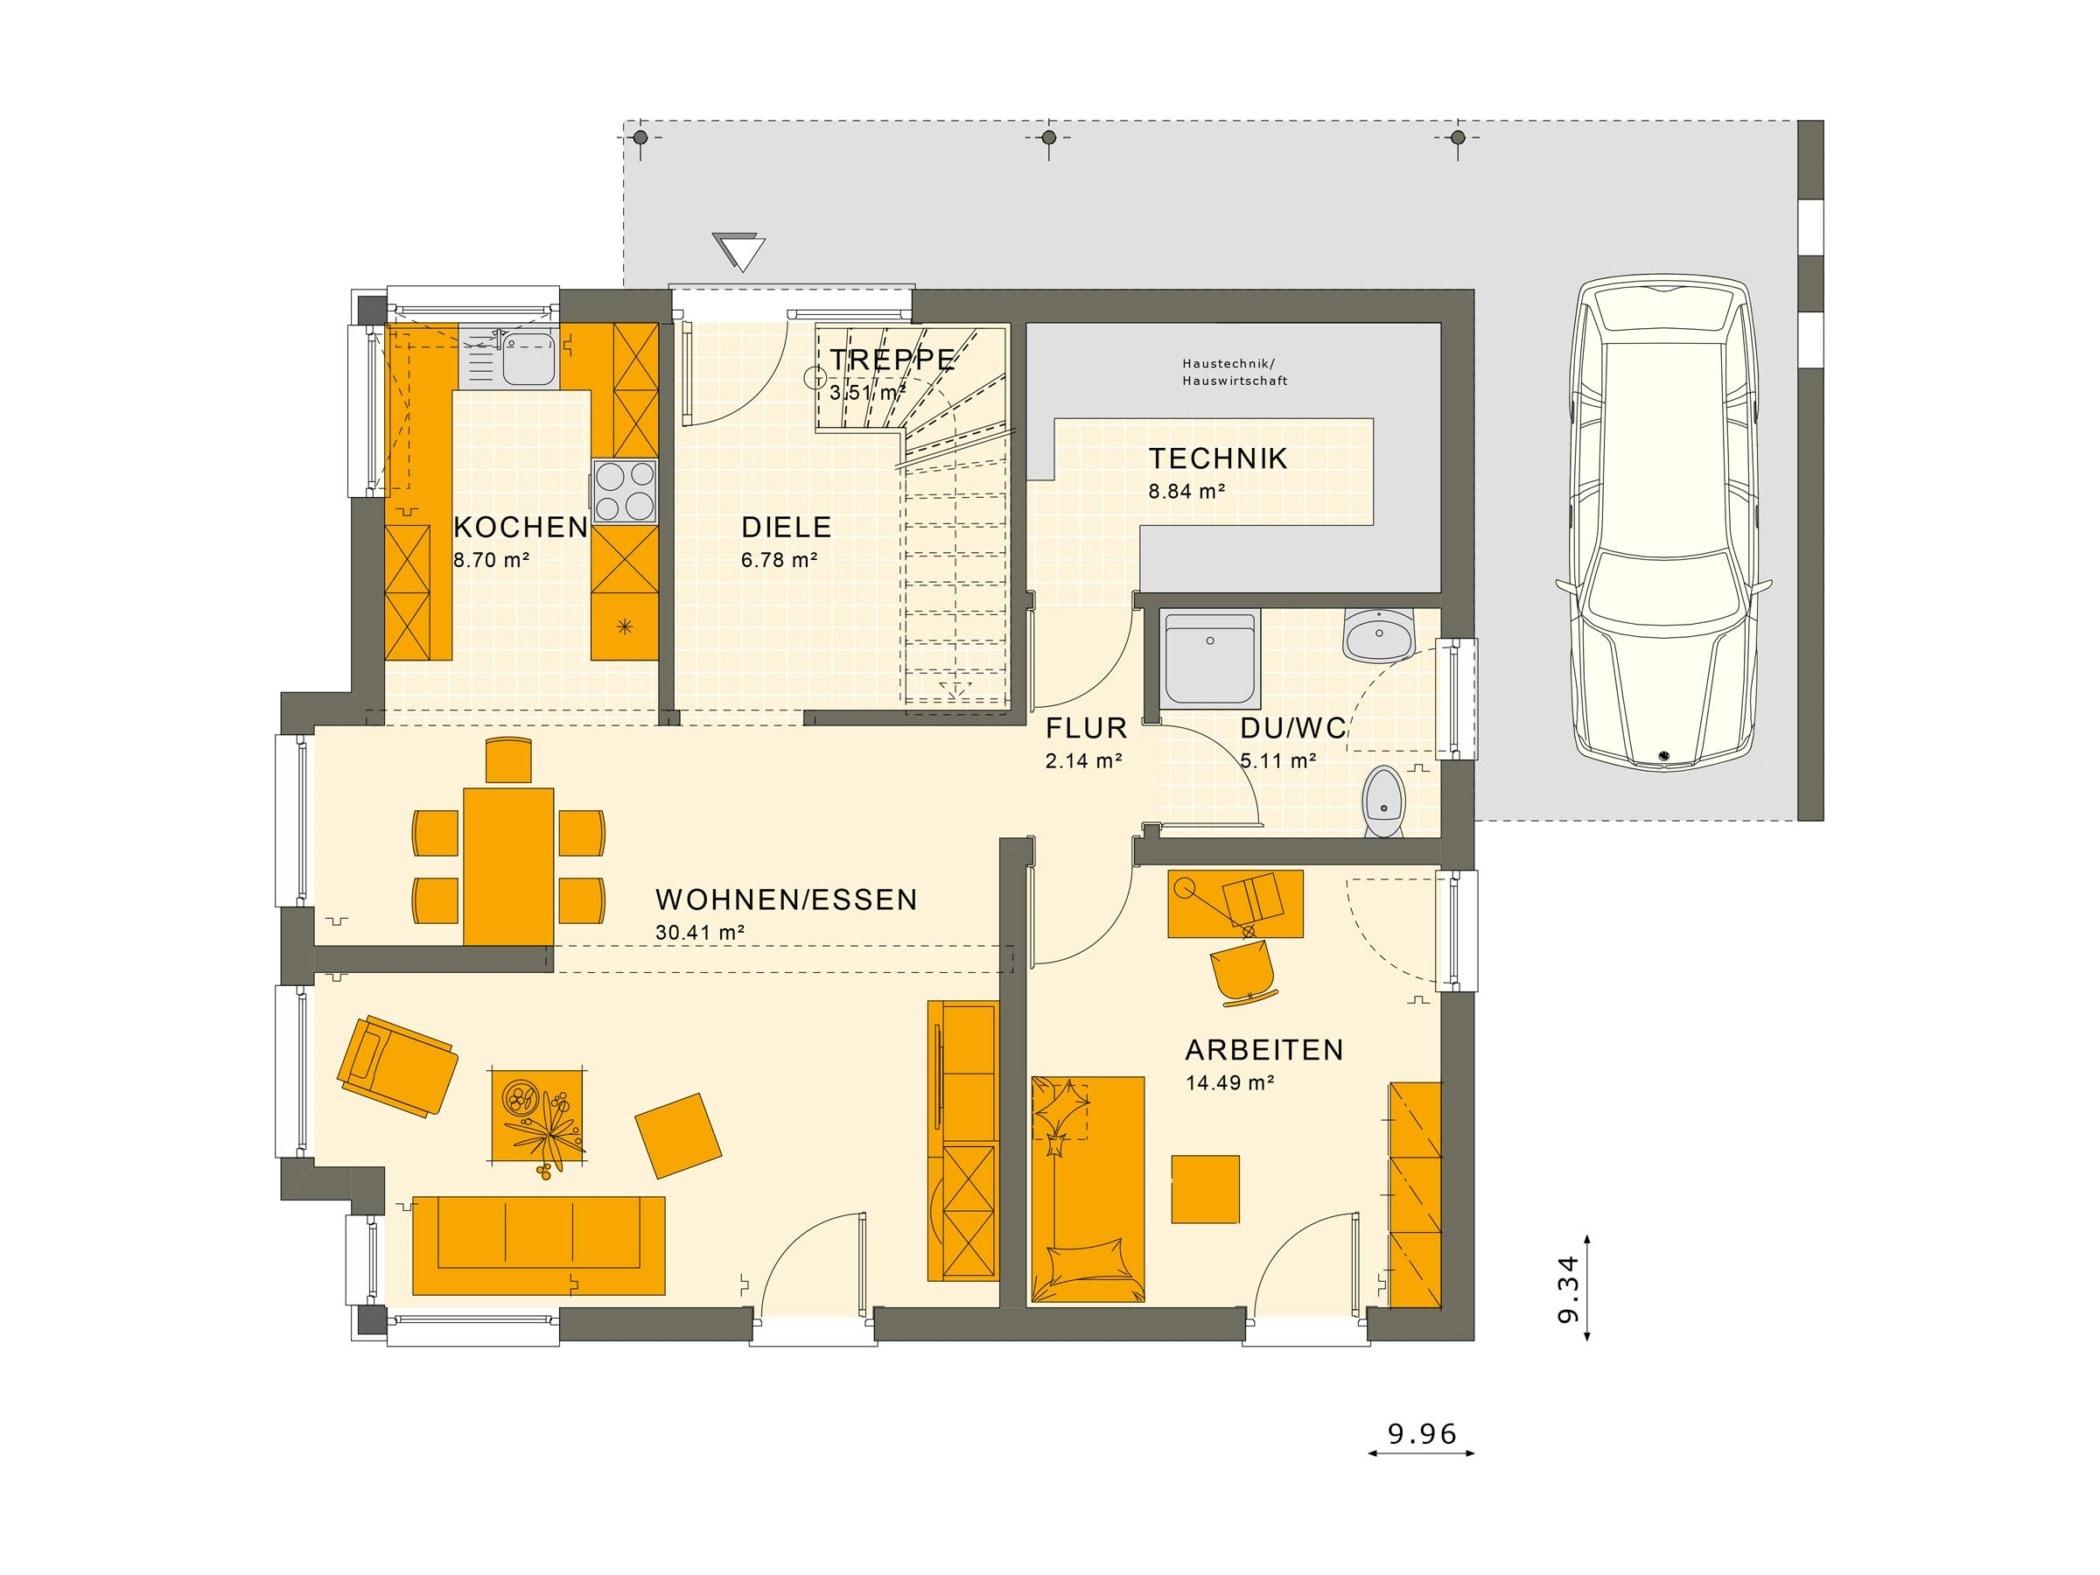 Fertighaus Stadtvilla Grundriss Erdgeschoss mit Carport, 5 Zimmer, 150 qm - Living Haus SUNSHINE 151 V6 - HausbauDirekt.de